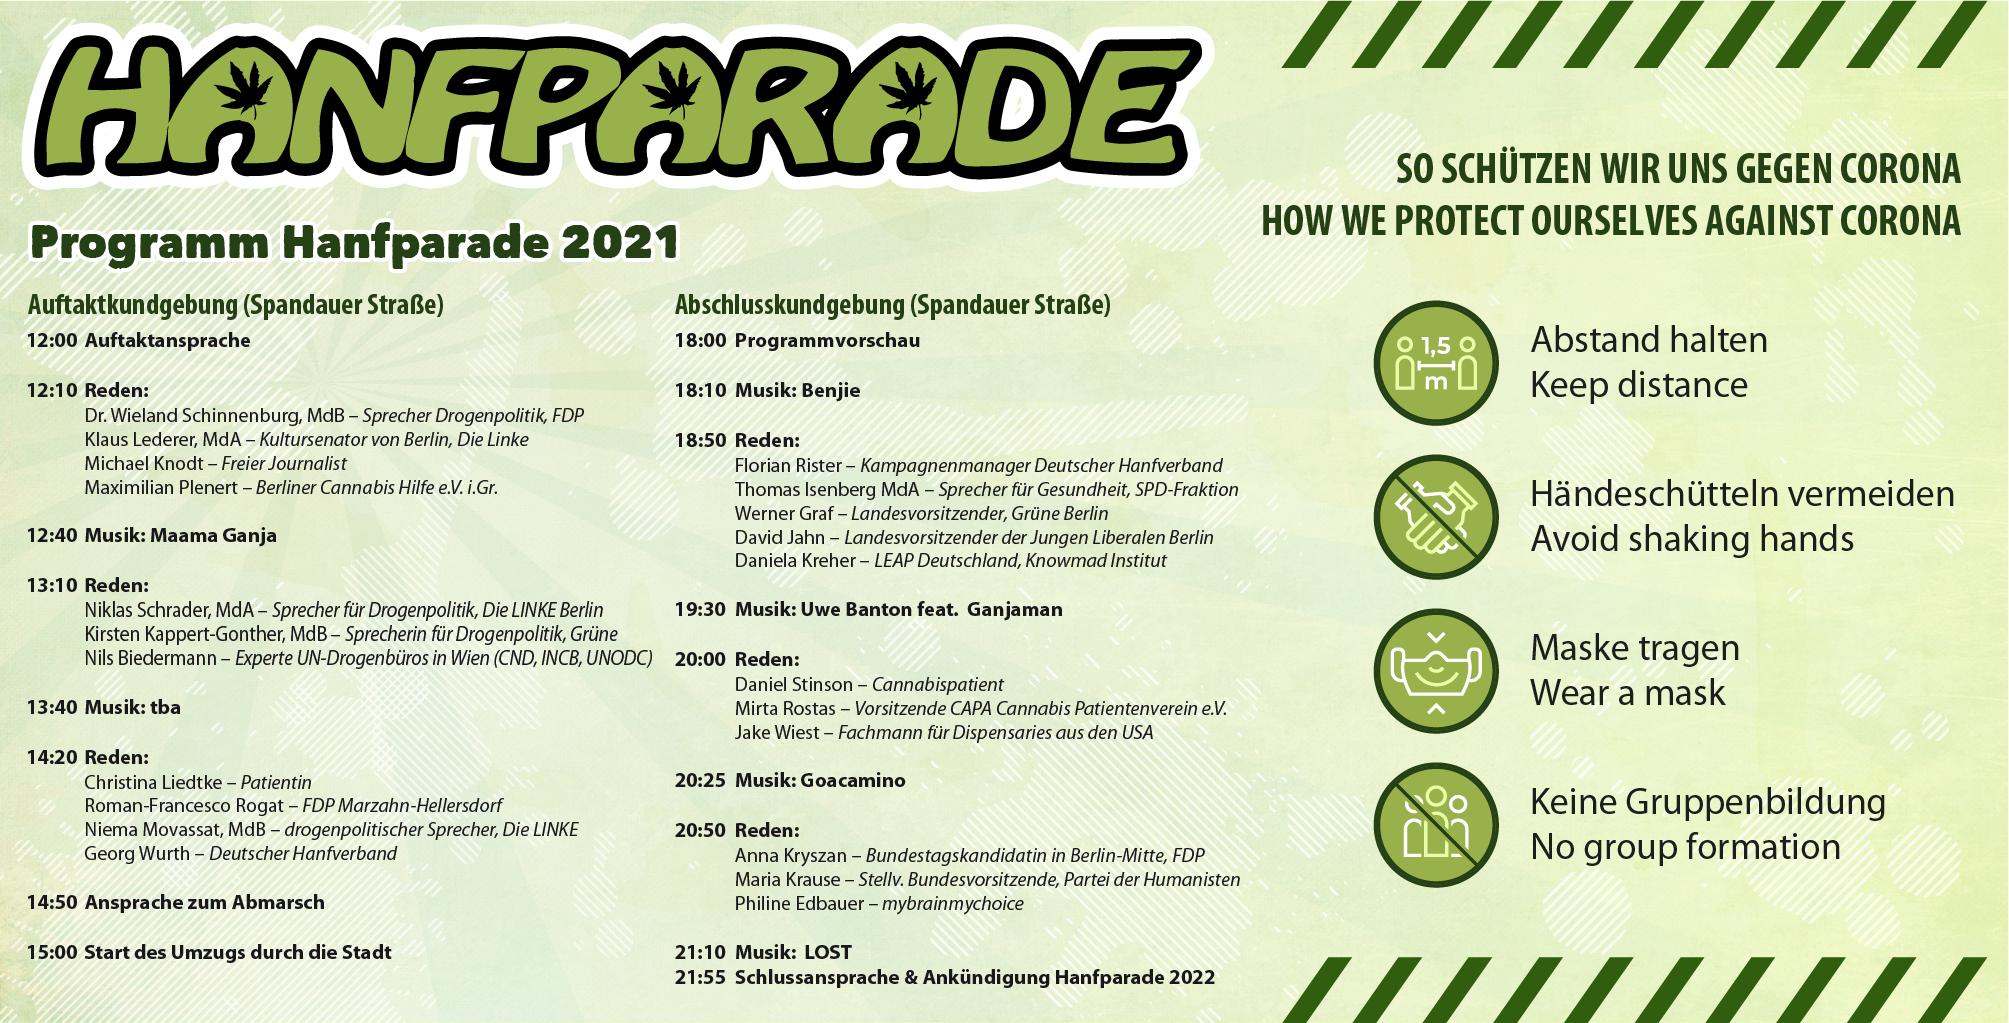 Hanfparade 2021 Banner mit Programm und mit Hinweisen zum Gesundheitsschutz